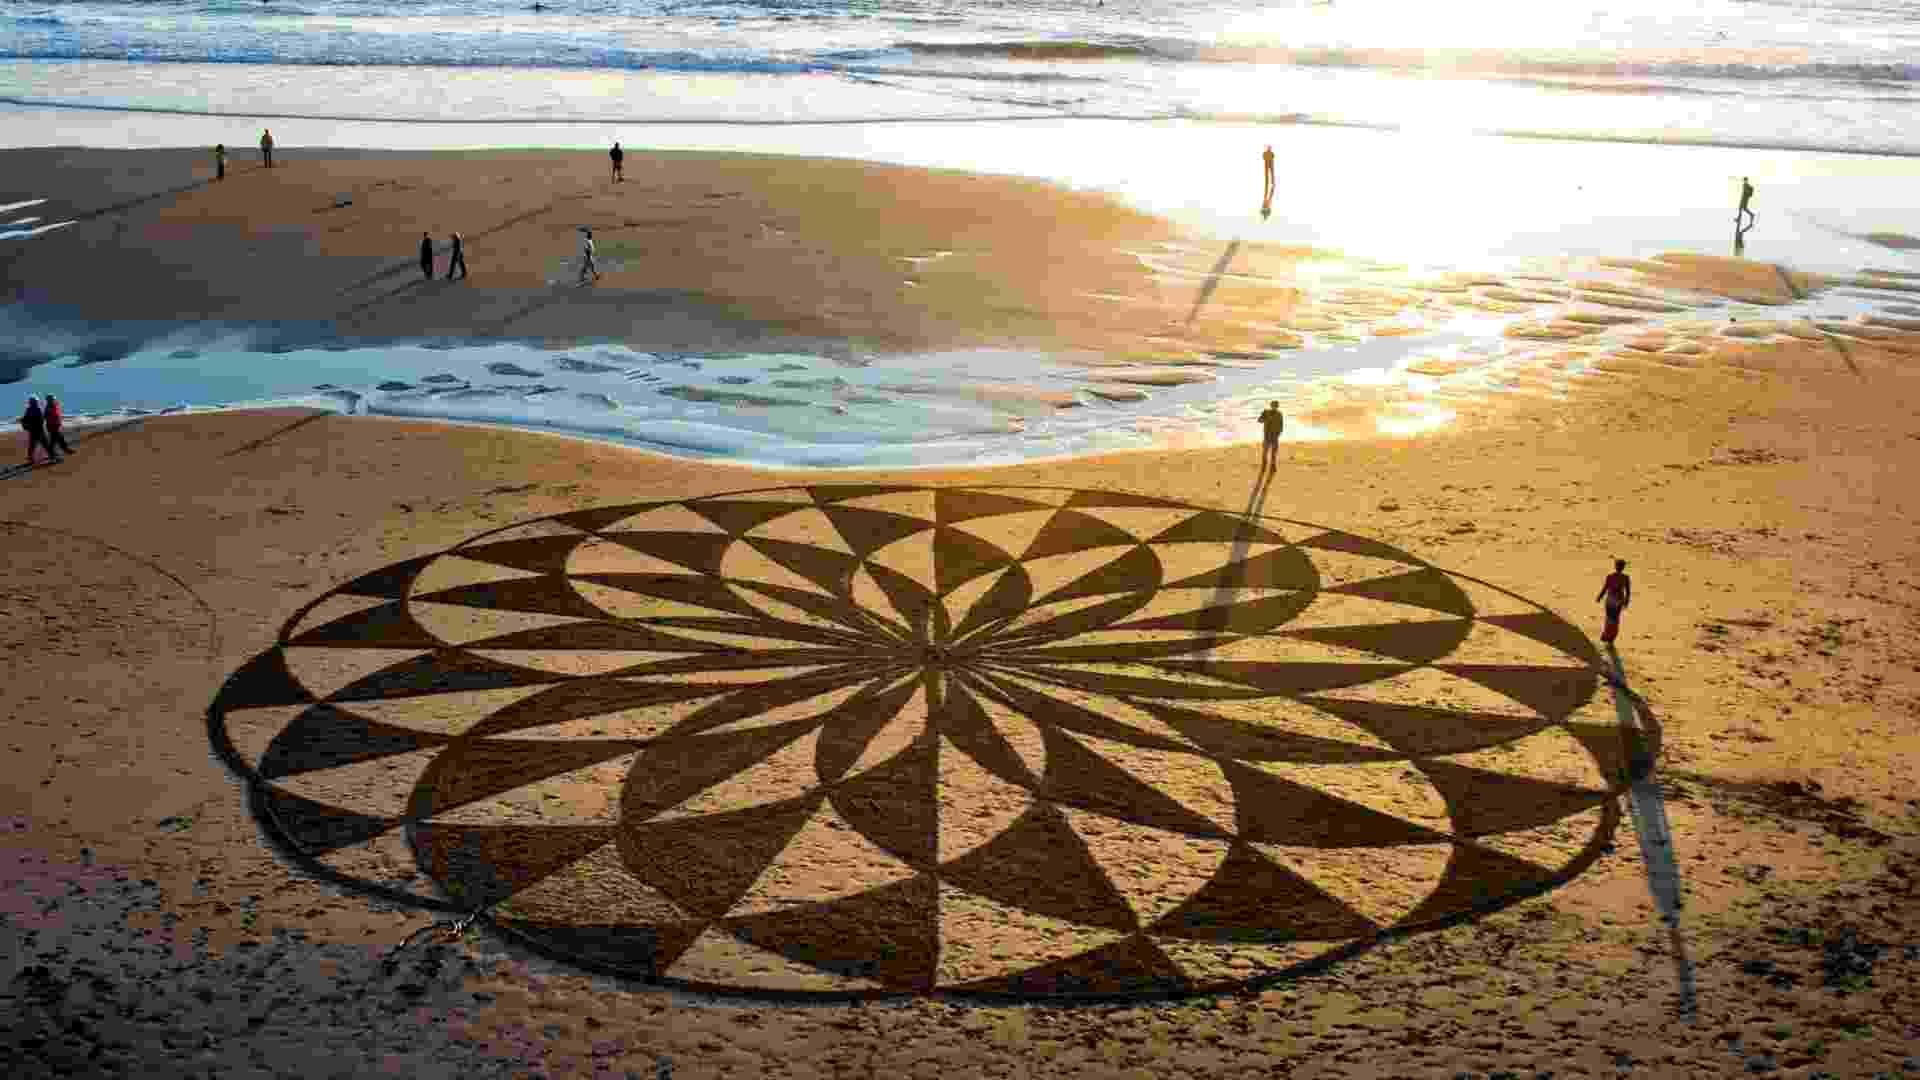 Andres Amador usa a areia das praias serve como tela e matéria-prima para suas criações - Caters